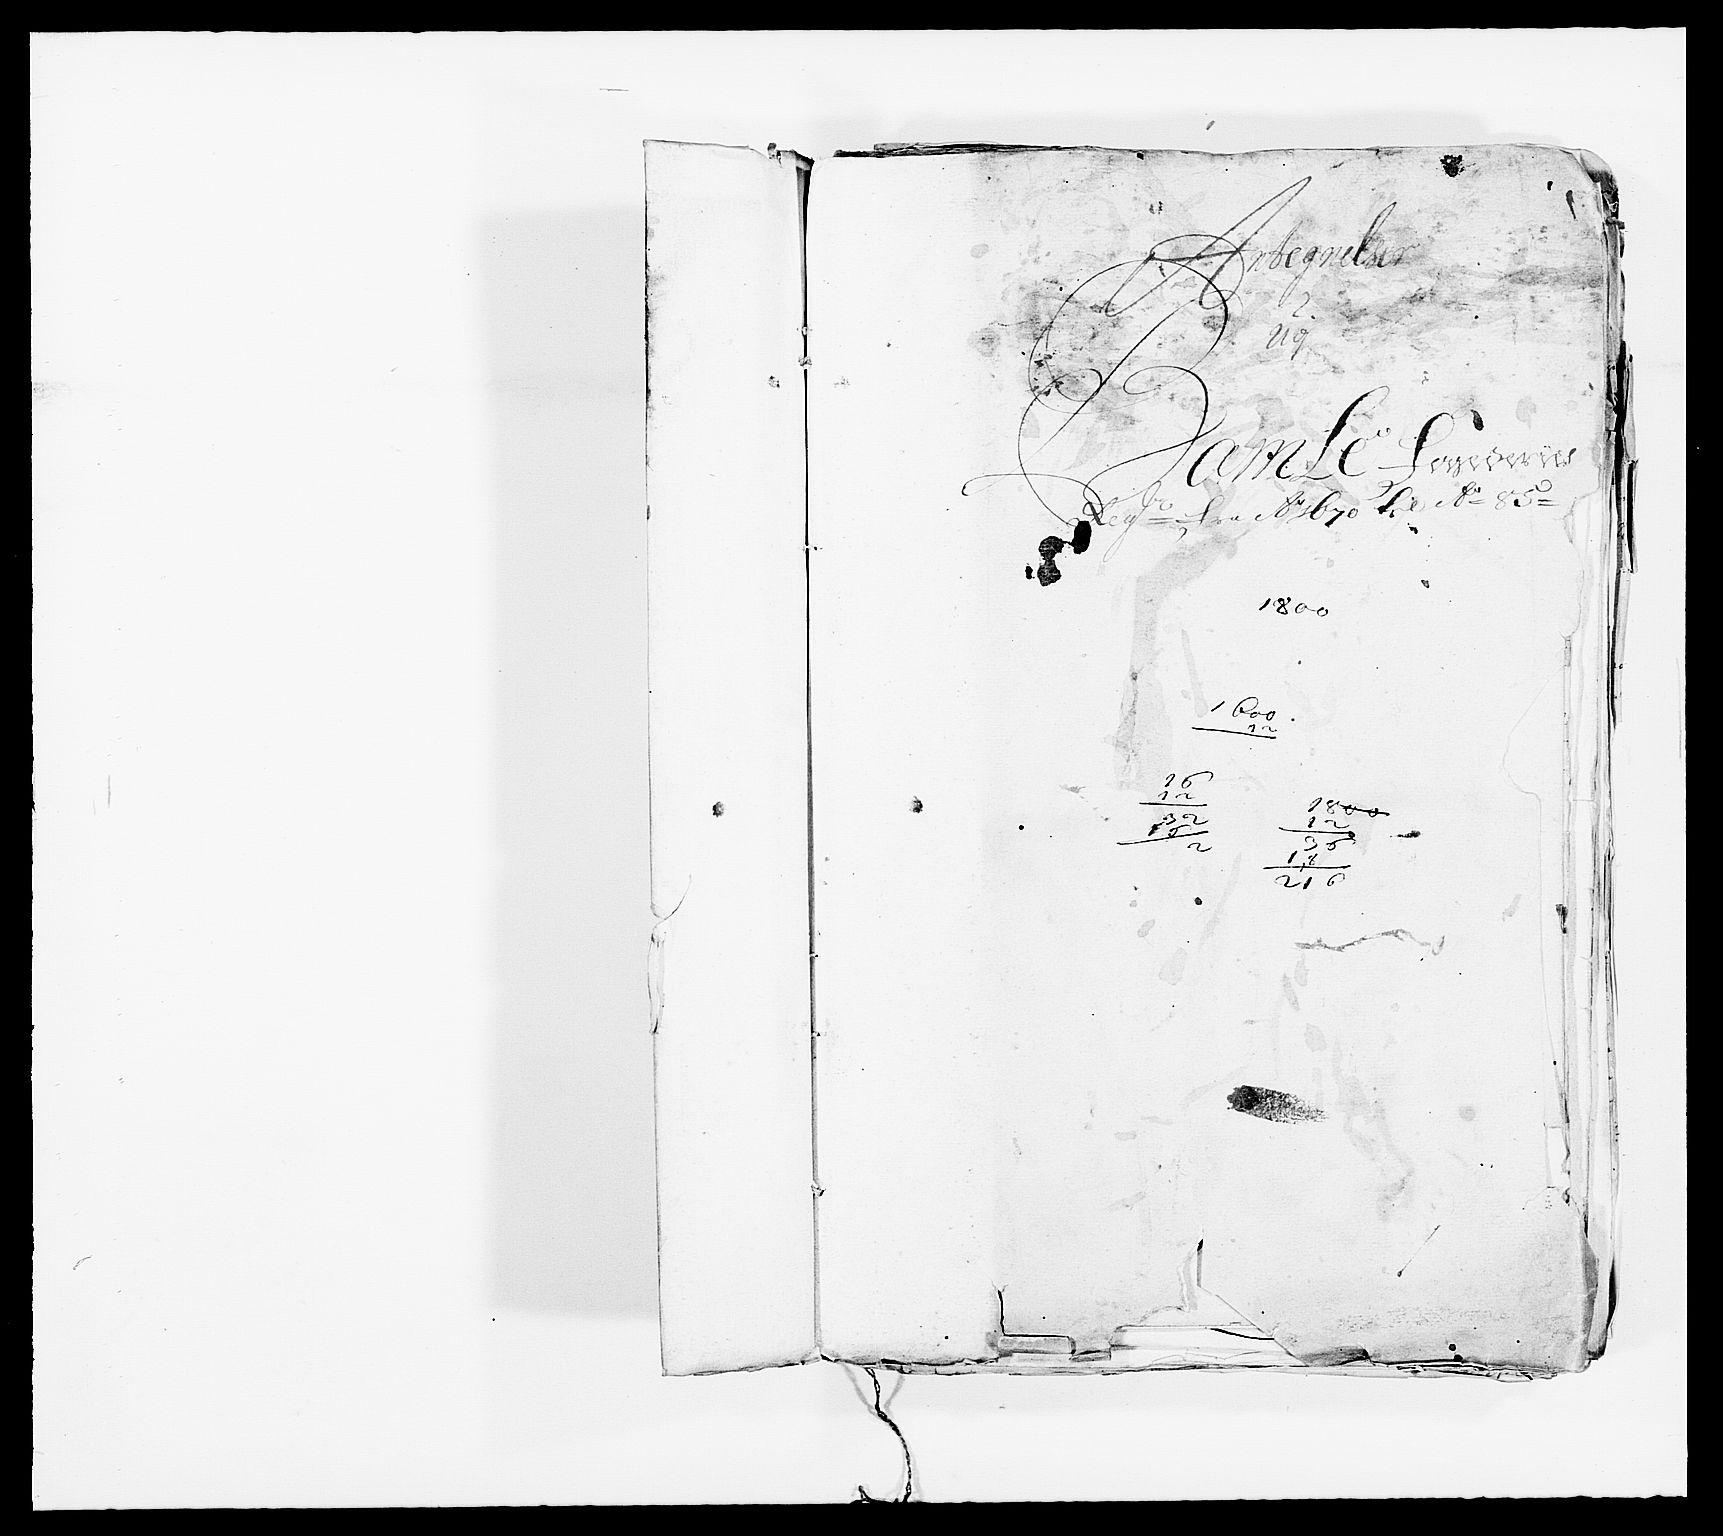 RA, Rentekammeret inntil 1814, Reviderte regnskaper, Fogderegnskap, R34/L2048: Fogderegnskap Bamble, 1685-1687, s. 197